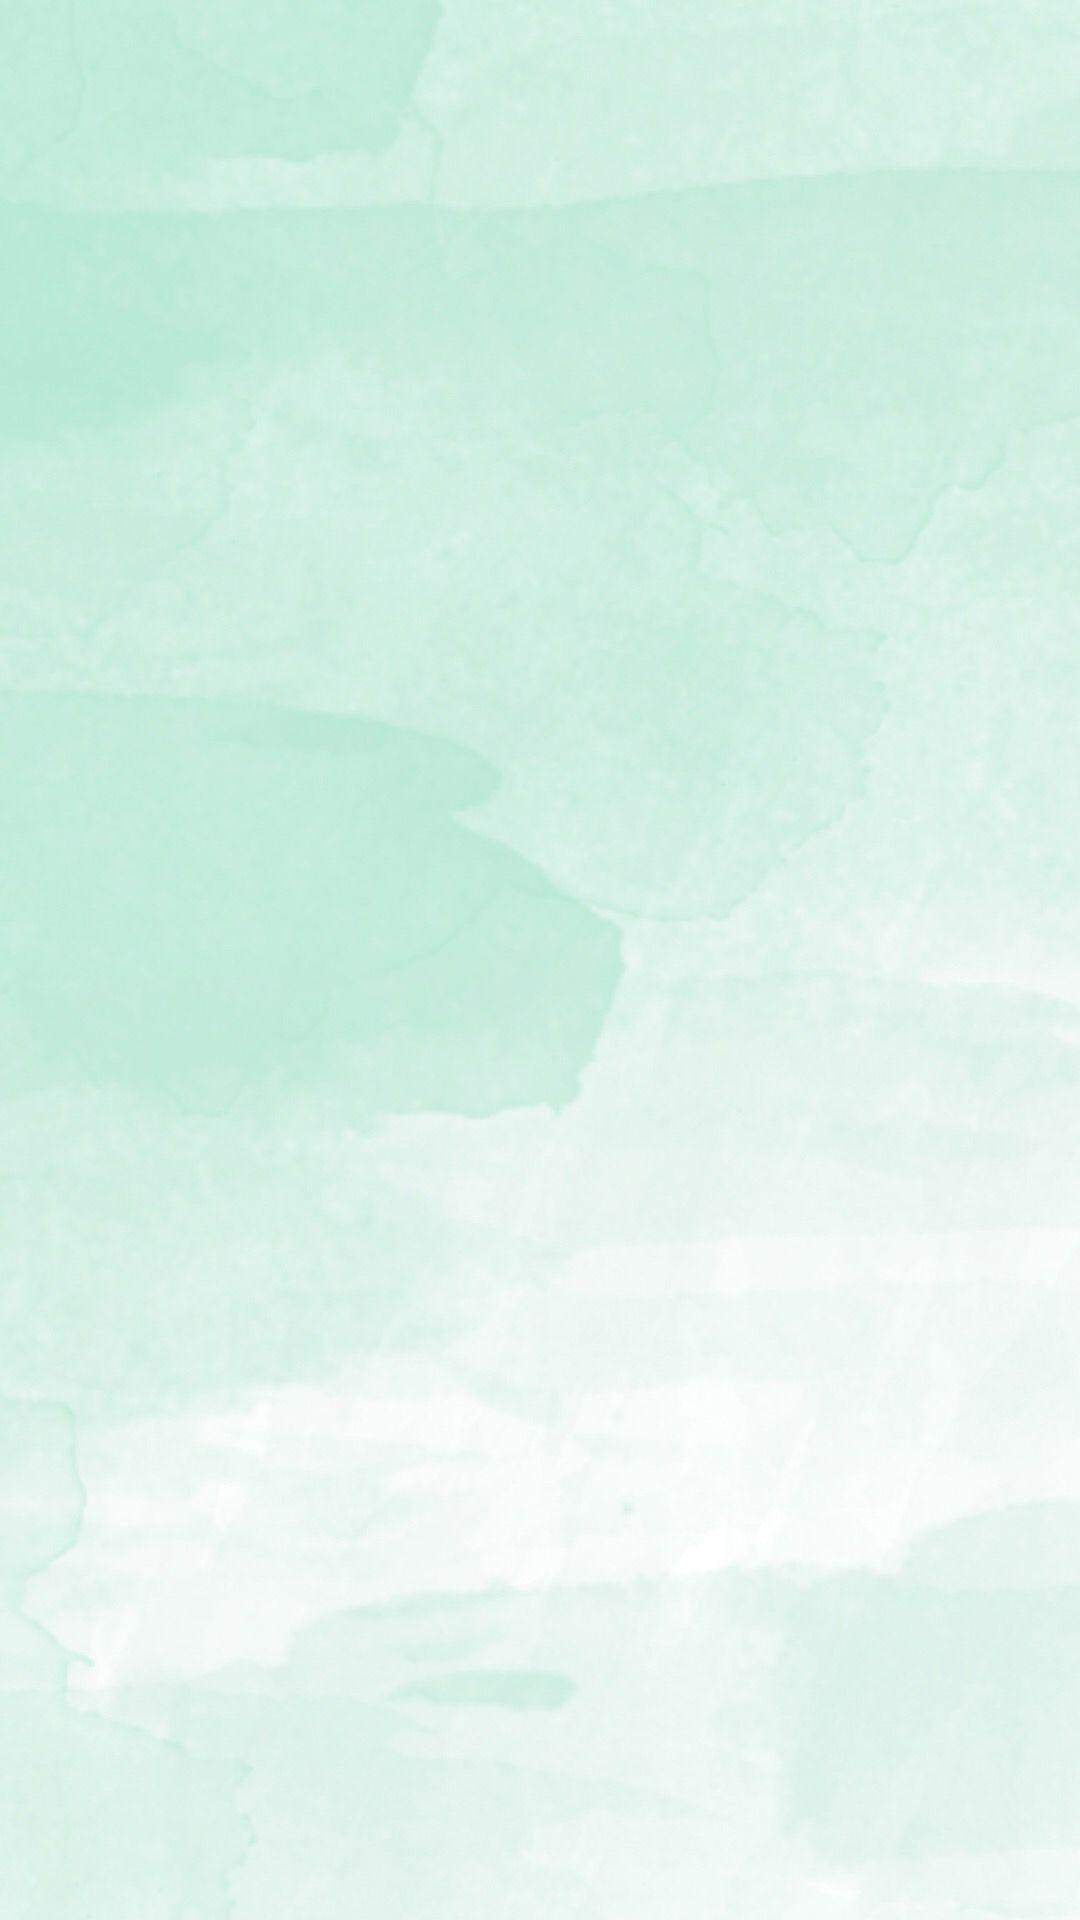 Pin Oleh Captivated Illusion Di Mint Hijau Mint Latar Belakang Hijau